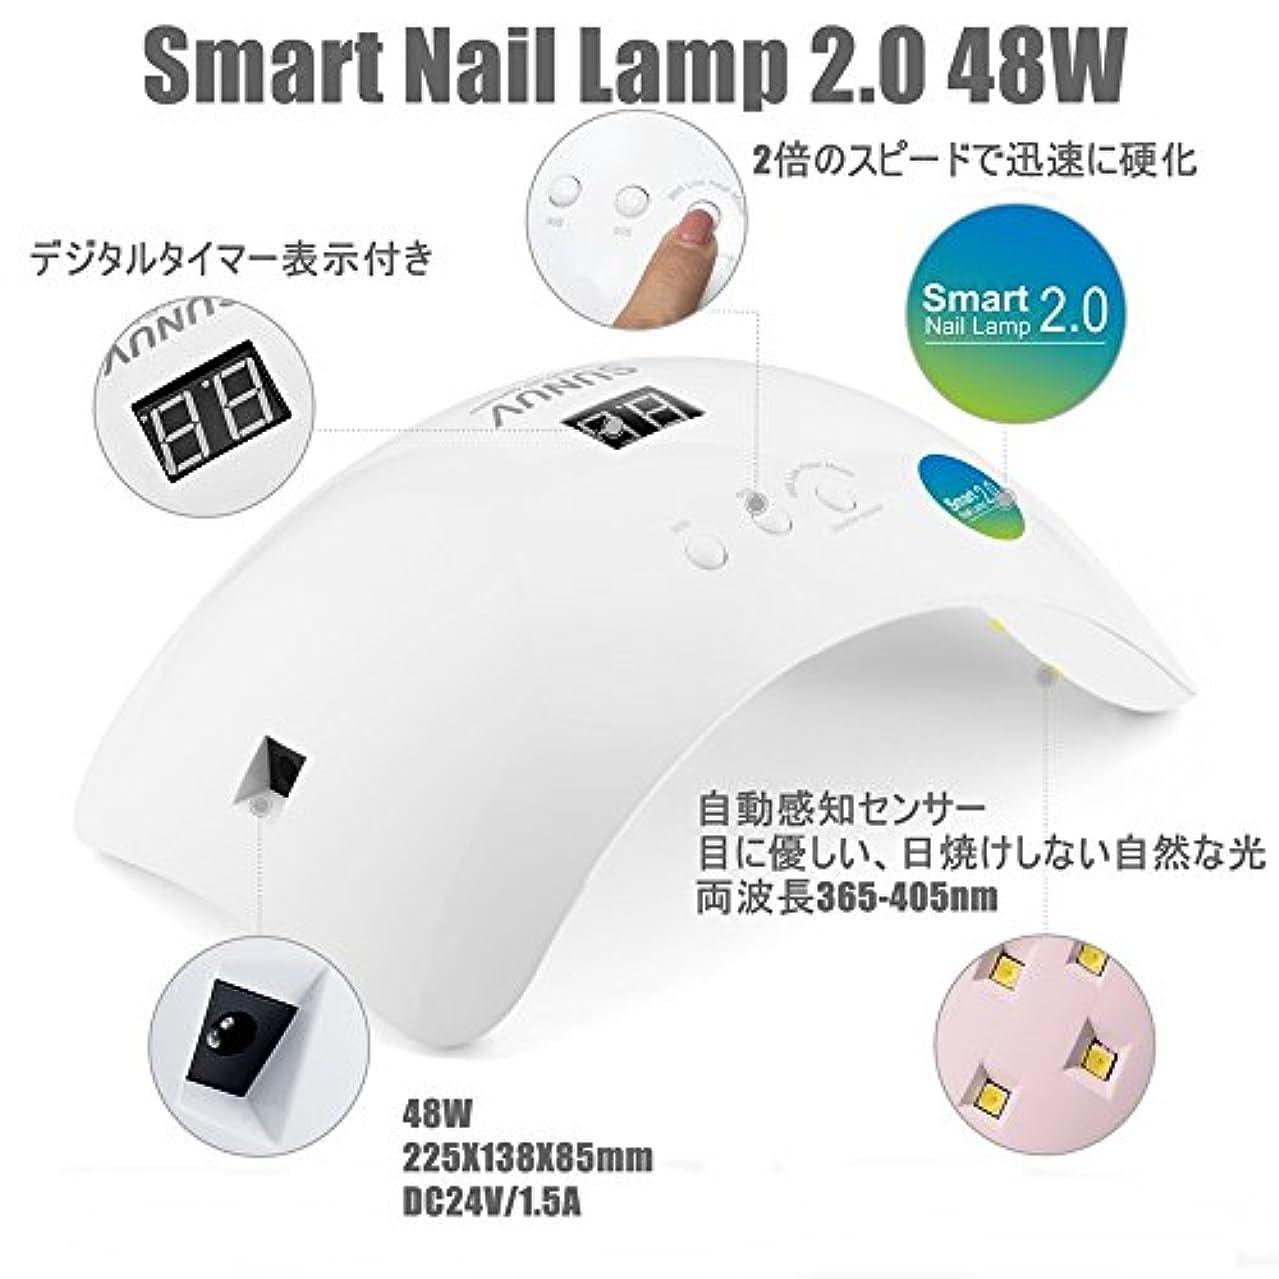 壁猟犬留まる【最新型】【国内6ヶ月保証】Smart Nail Lamp 2.0 48W【ジェルネイルレジン用ライト】